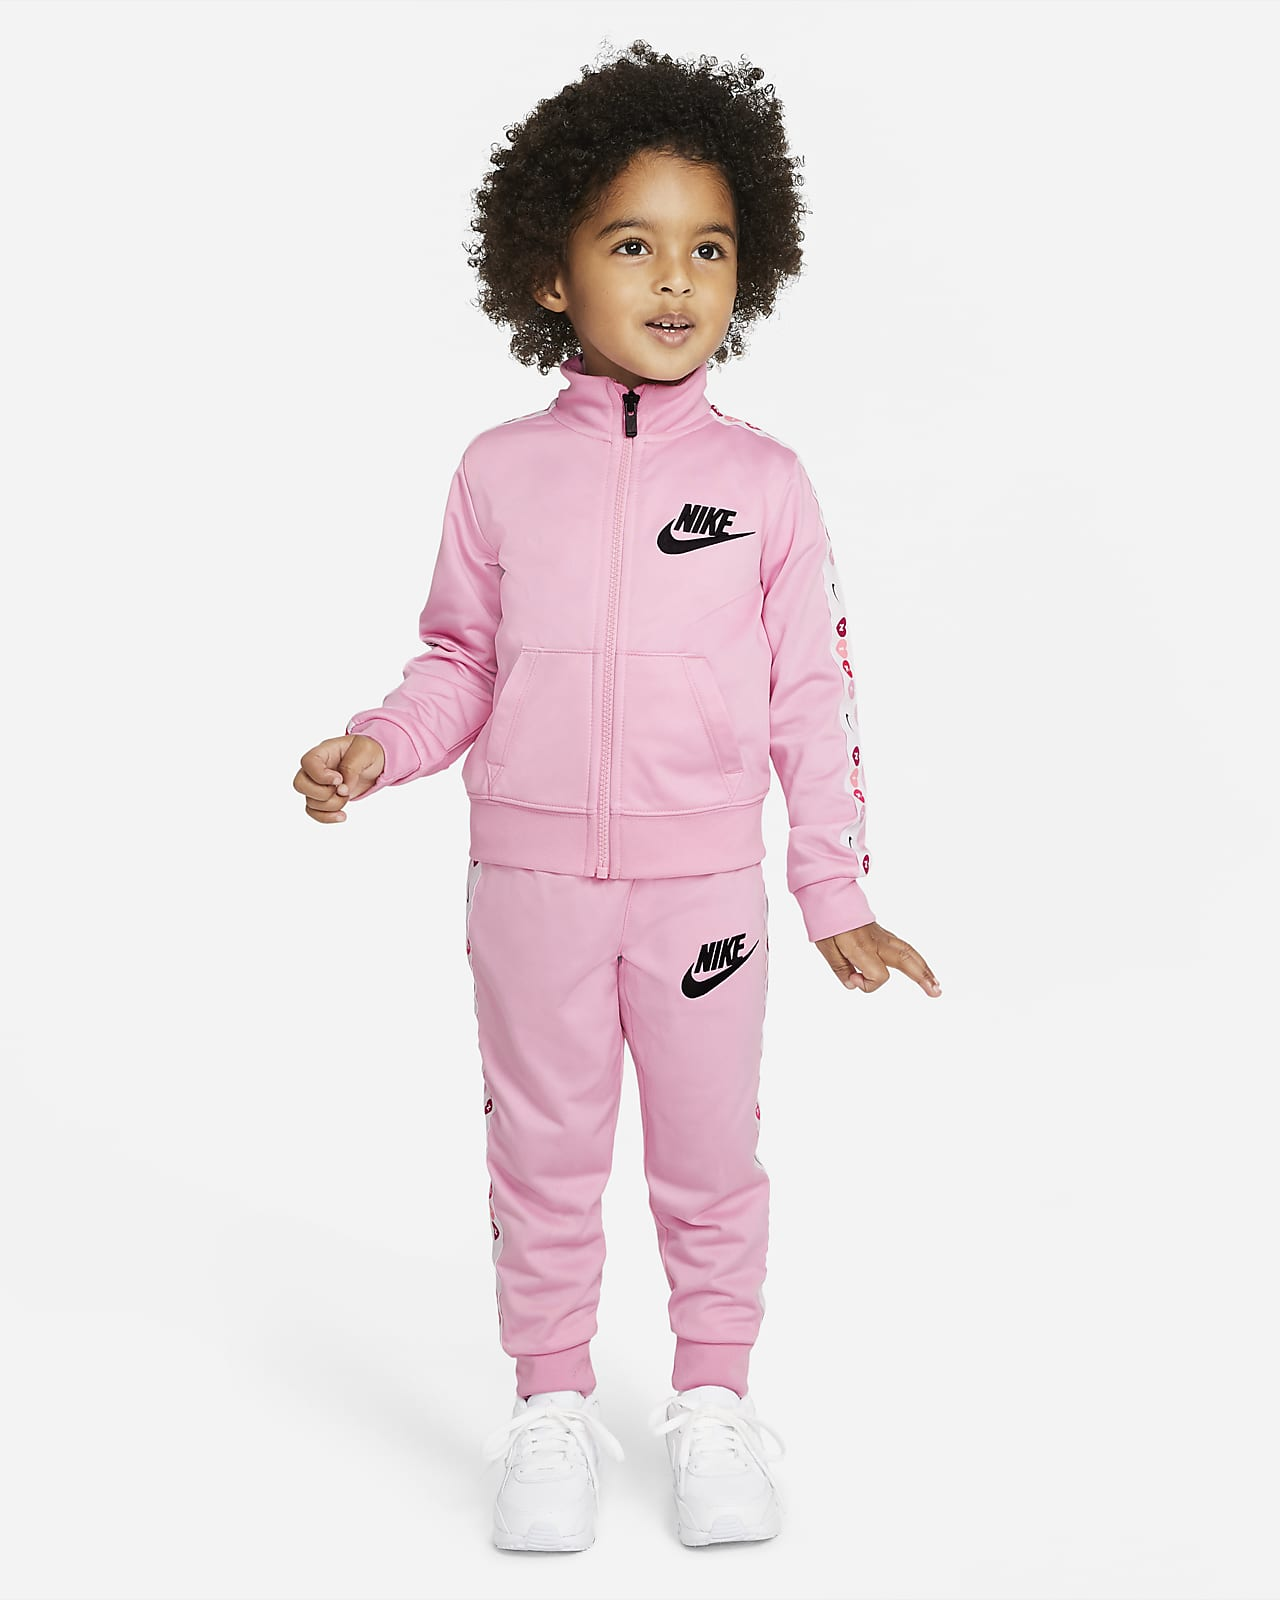 Nike-tracksuit til småbørn